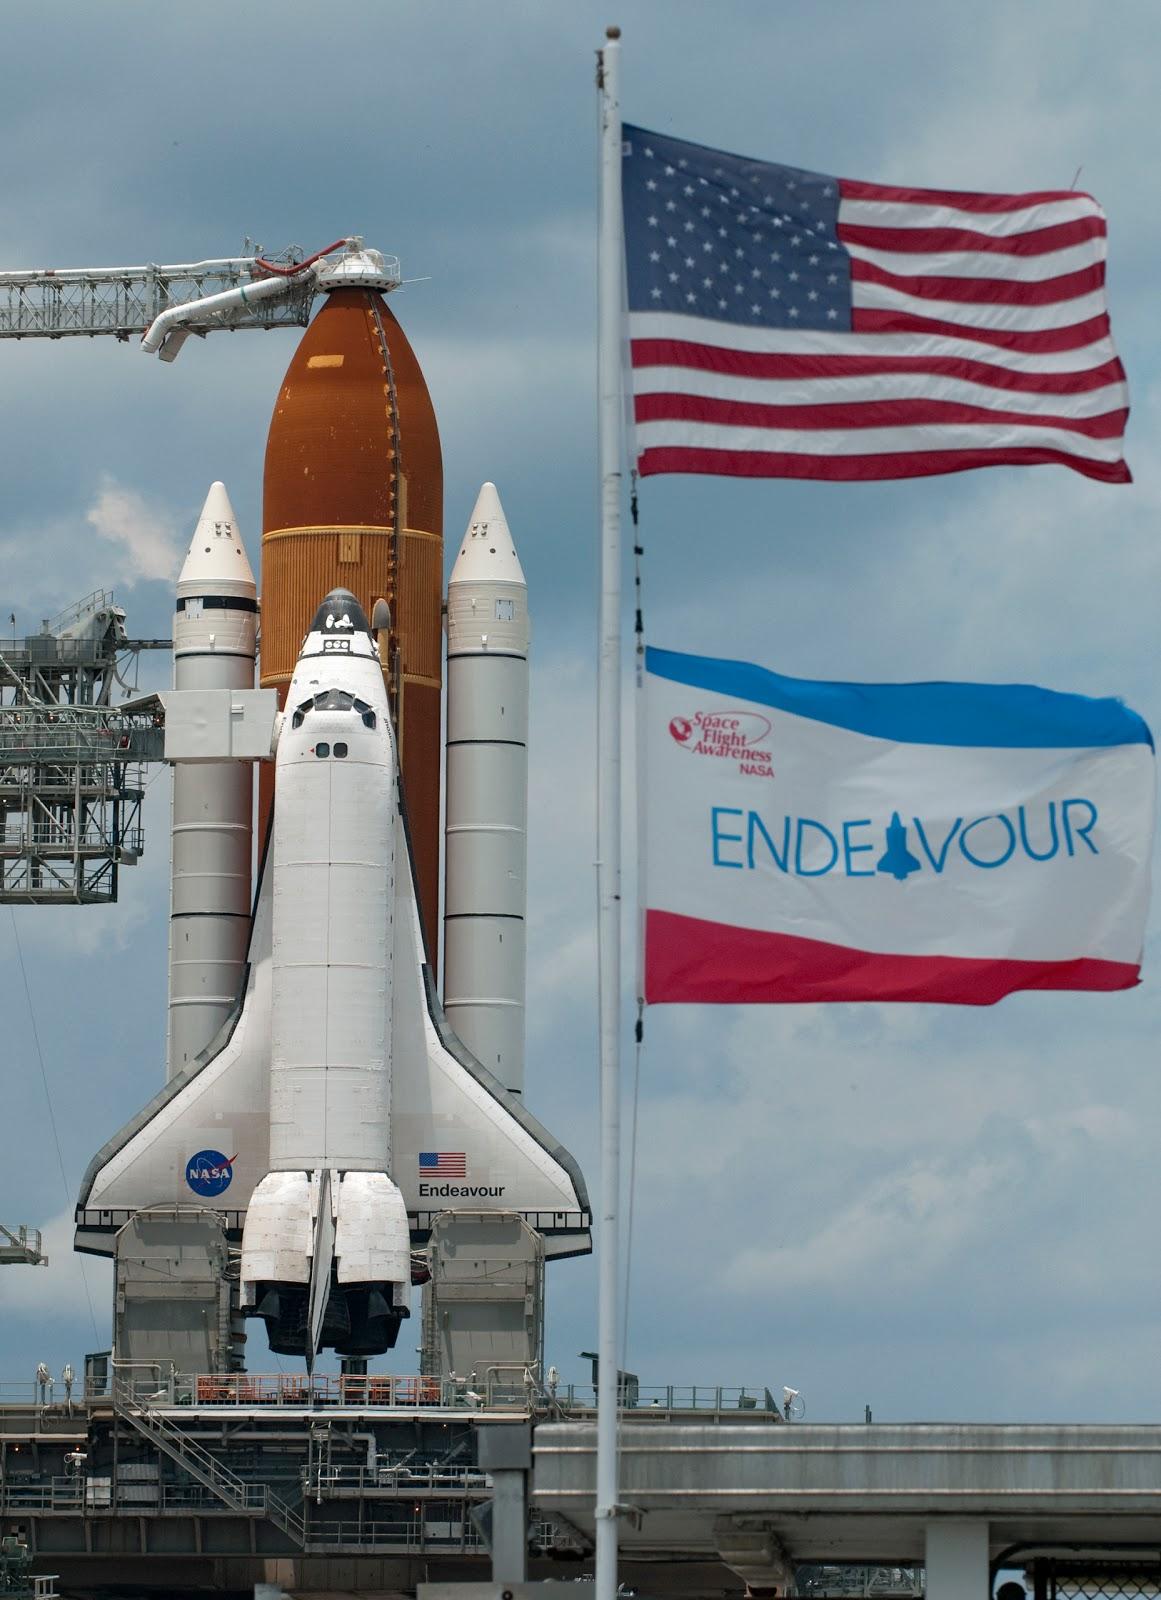 endeavour - photo #46